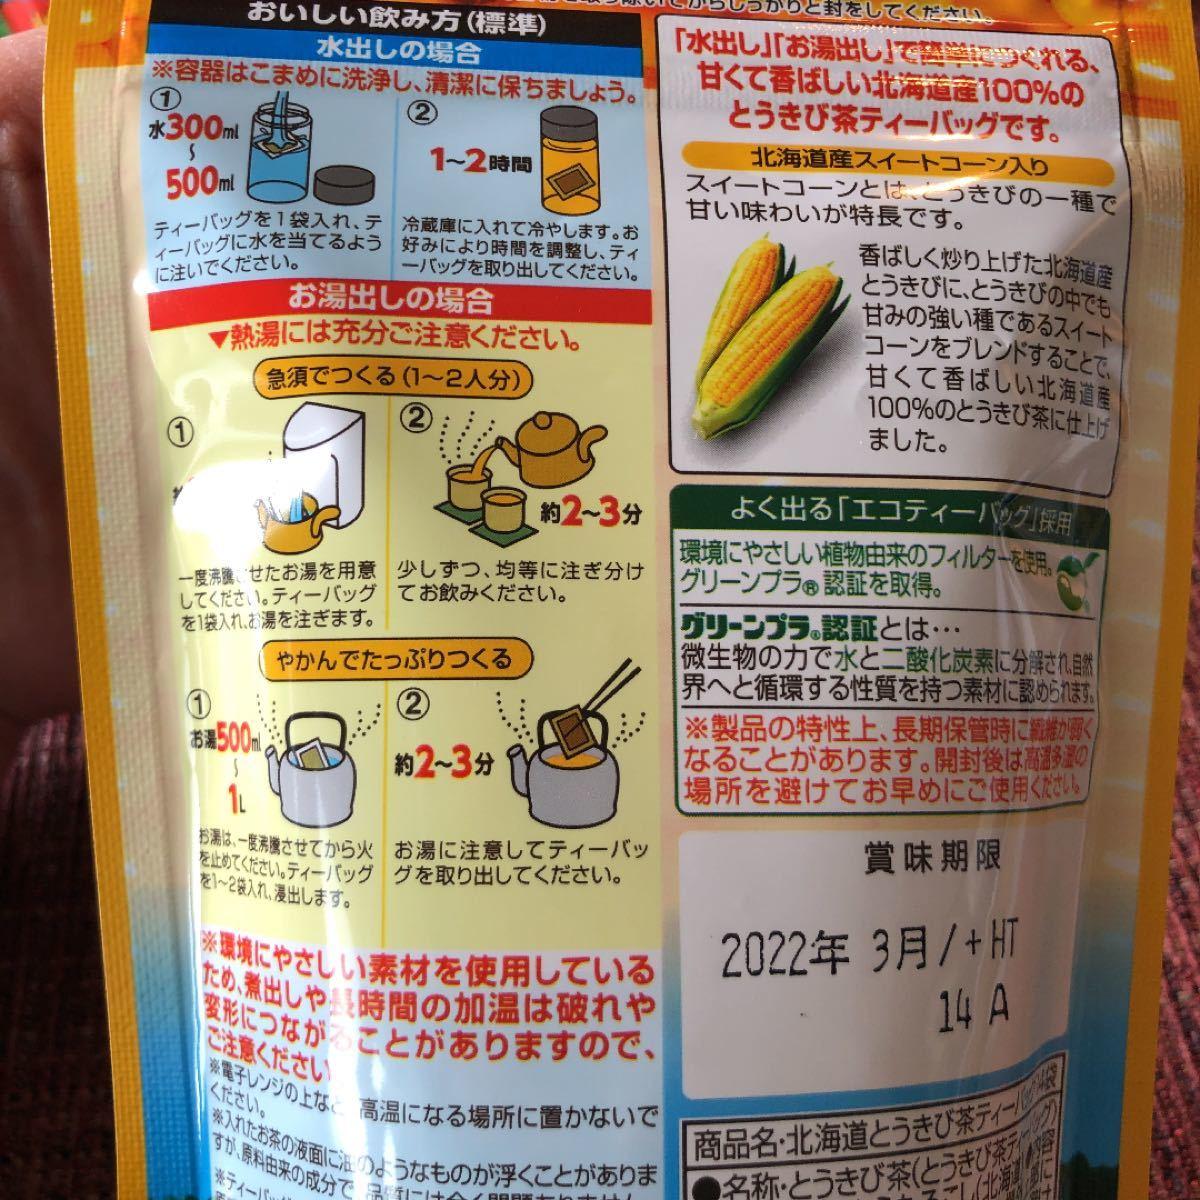 北海道限定 とうきび茶 伊藤園 北海道限定  北海道とうきび茶 ティーバック